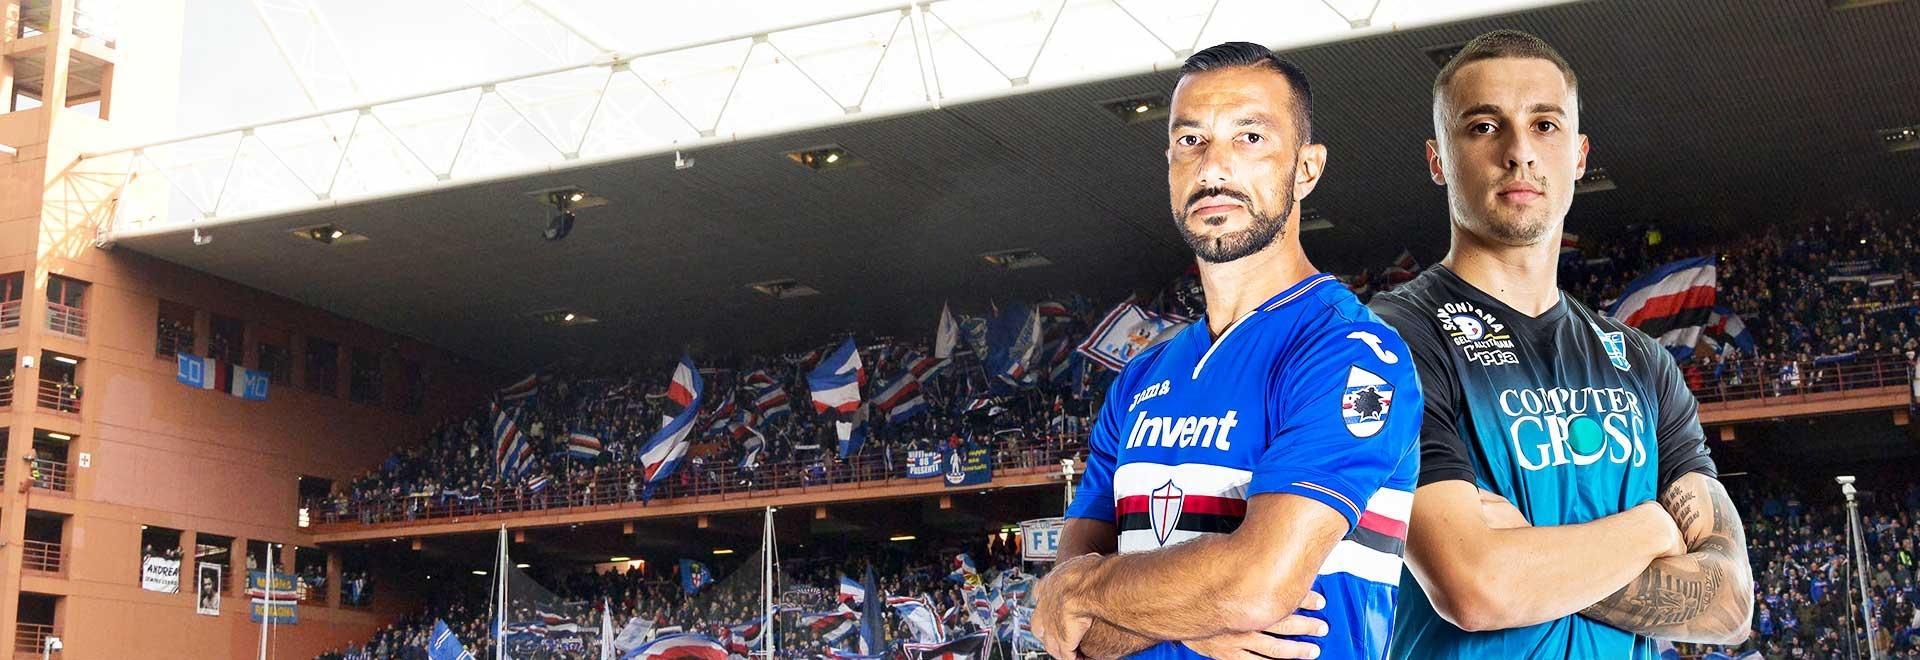 Sampdoria - Empoli. 36a g.